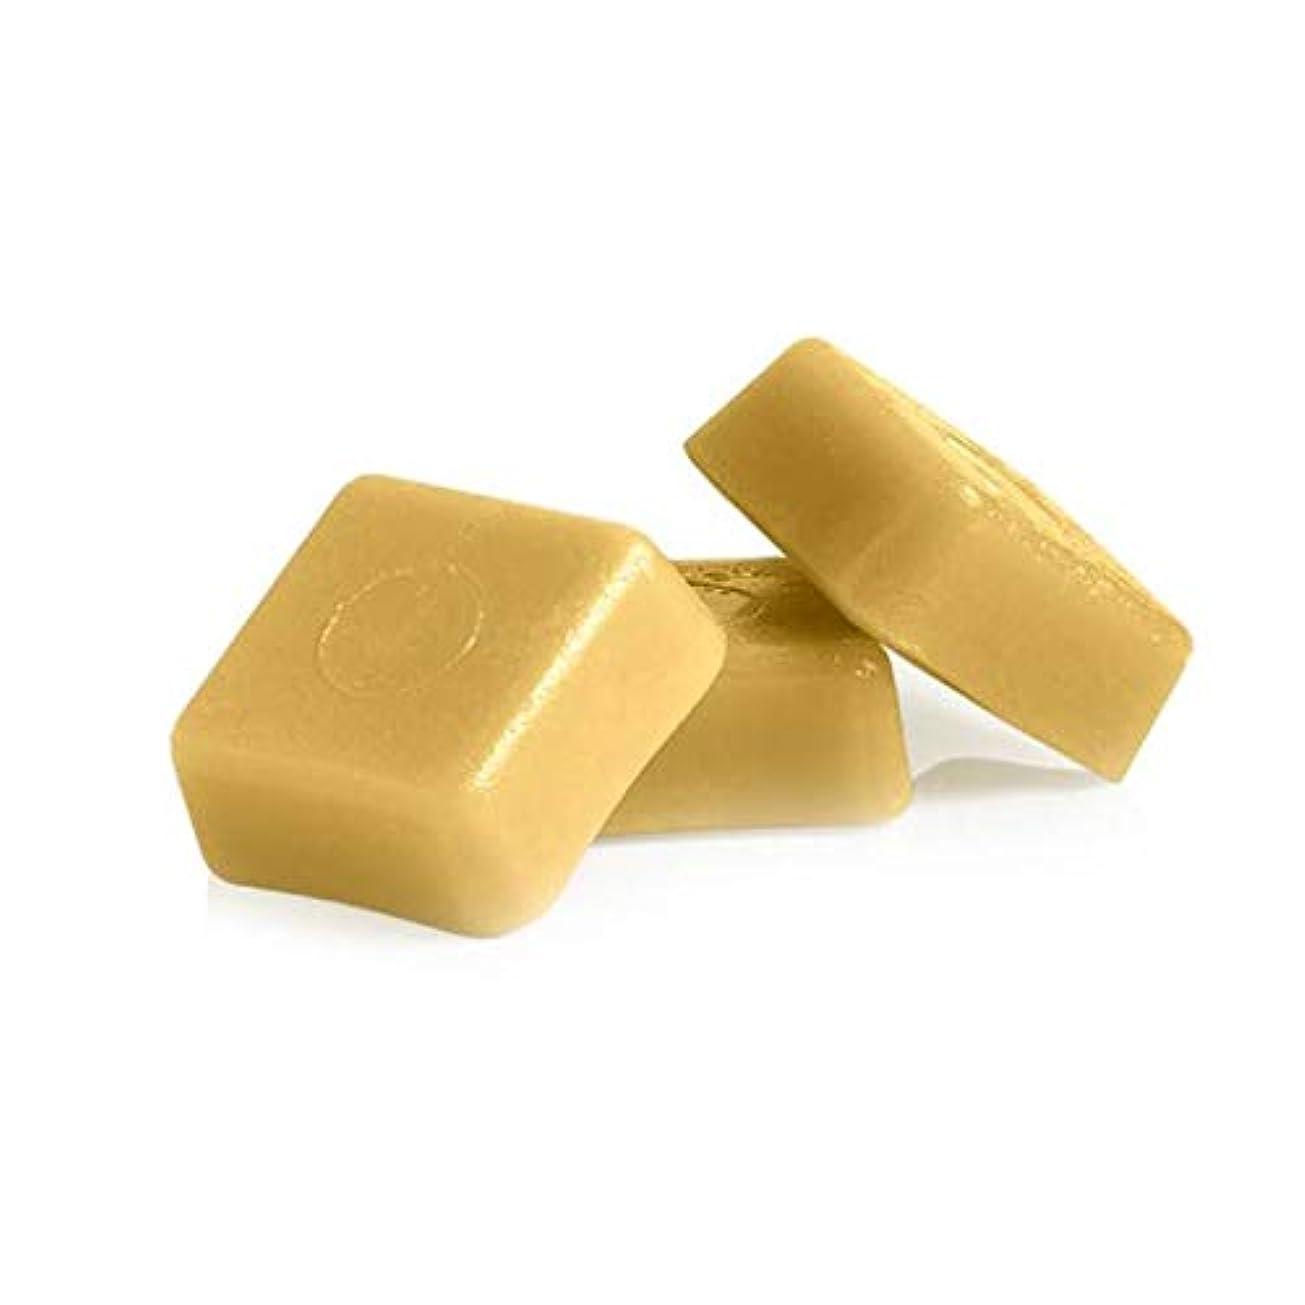 ブラケットピッチ艶業務用ブラジリアンワックス|プロ専用脱毛ハードワックスStarpil Wax:ゴールド?スターピル (ORO) 1000g